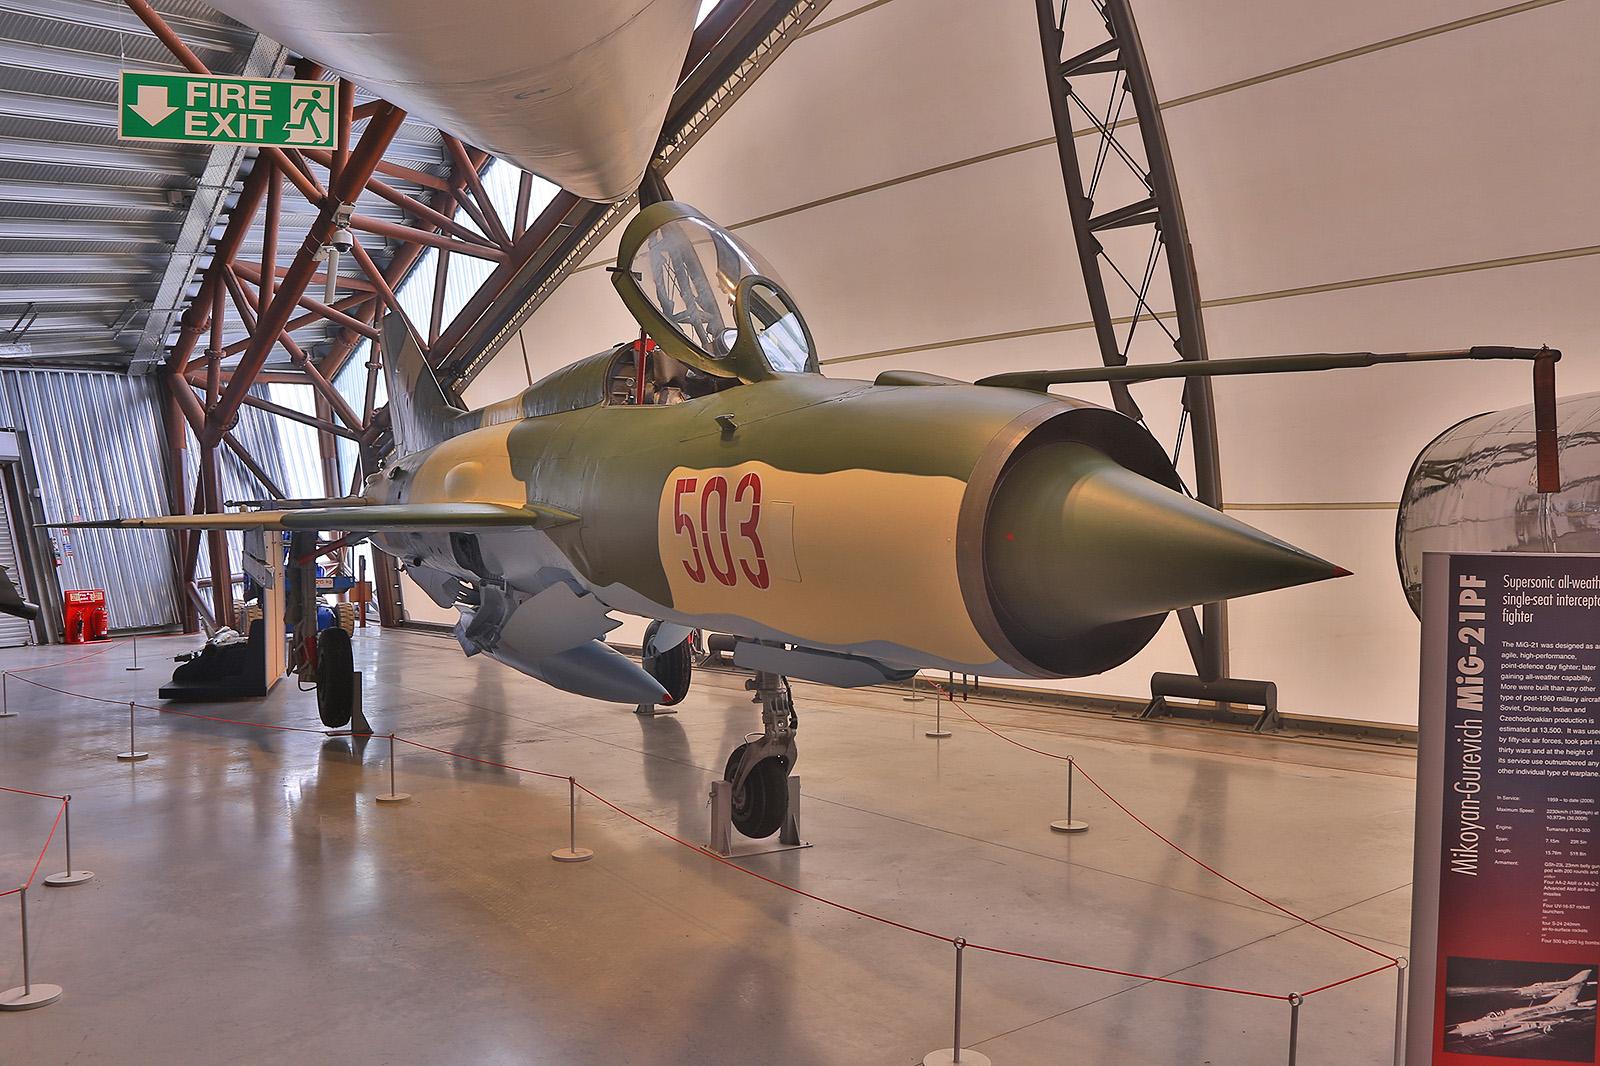 MiG-21PF der ungarischen Luftstreitkräfte. Sie war letzte Version, bei der das Cockpit nach vorne aufgeklappt wurde.